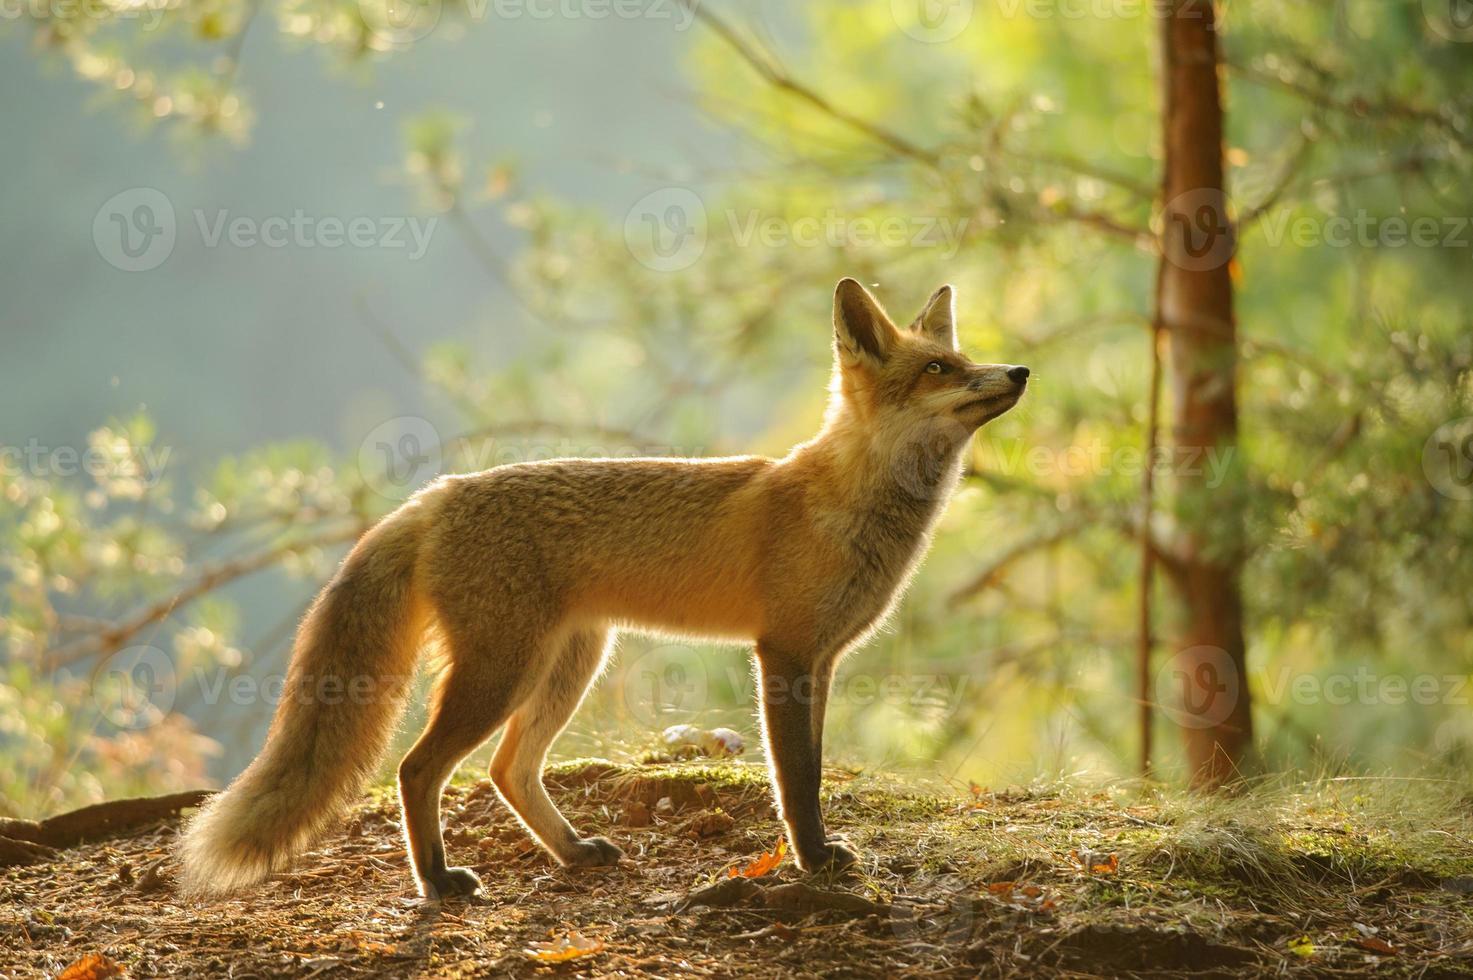 zorro rojo desde la vista lateral en la luz de fondo de belleza bosque de otoño foto